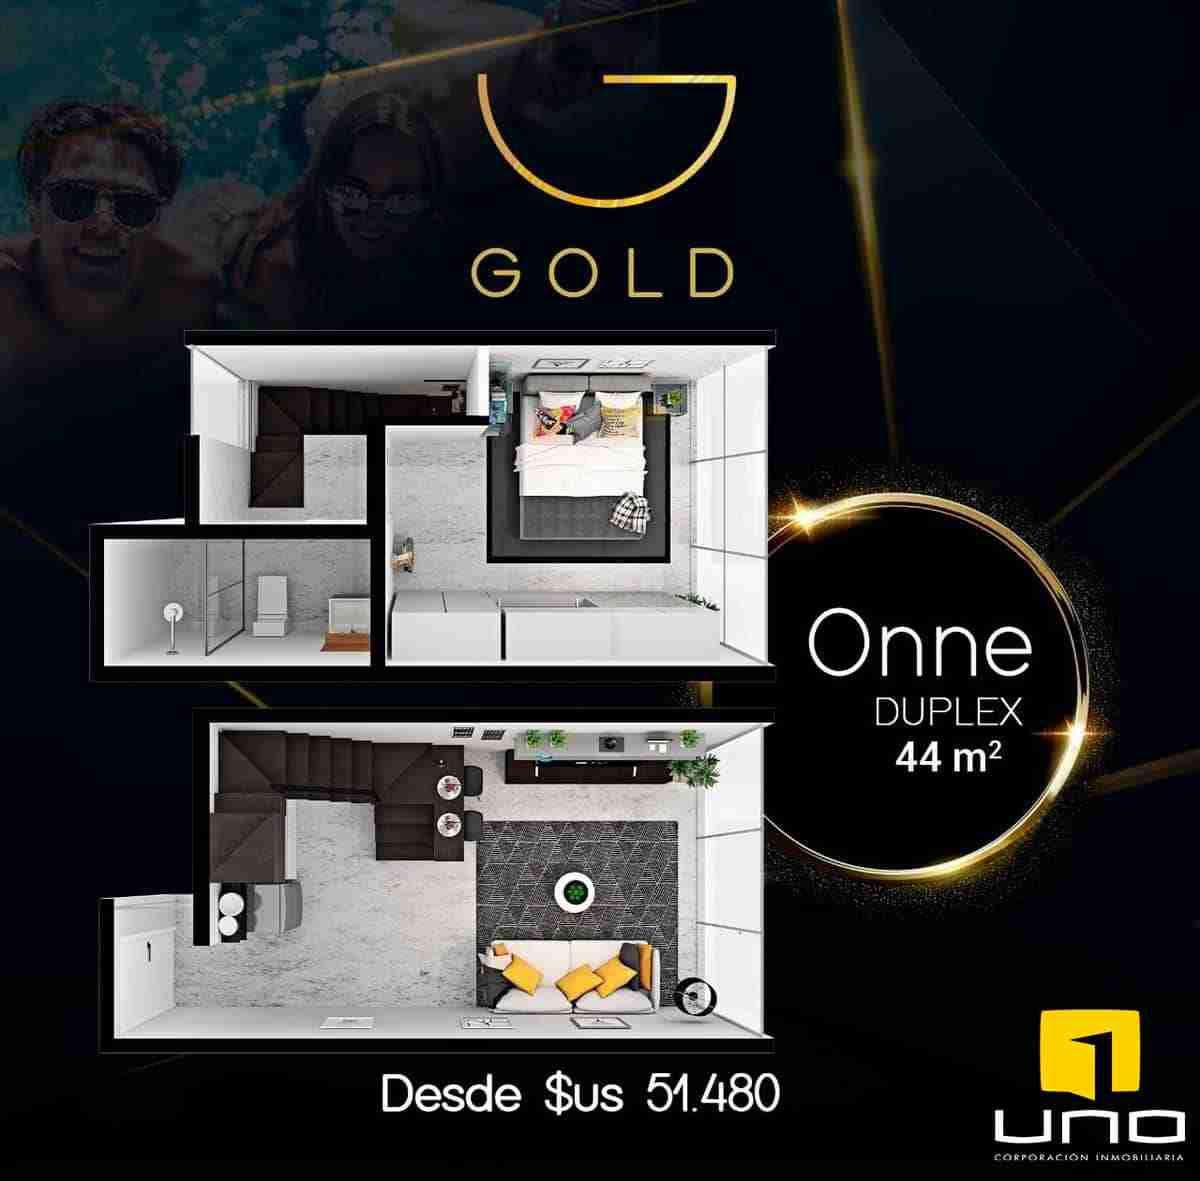 Departamento Duplex de 1 Dormitorio en Edificio Gold, Zona Equipetrol, Santa Cruz, Bolivia.